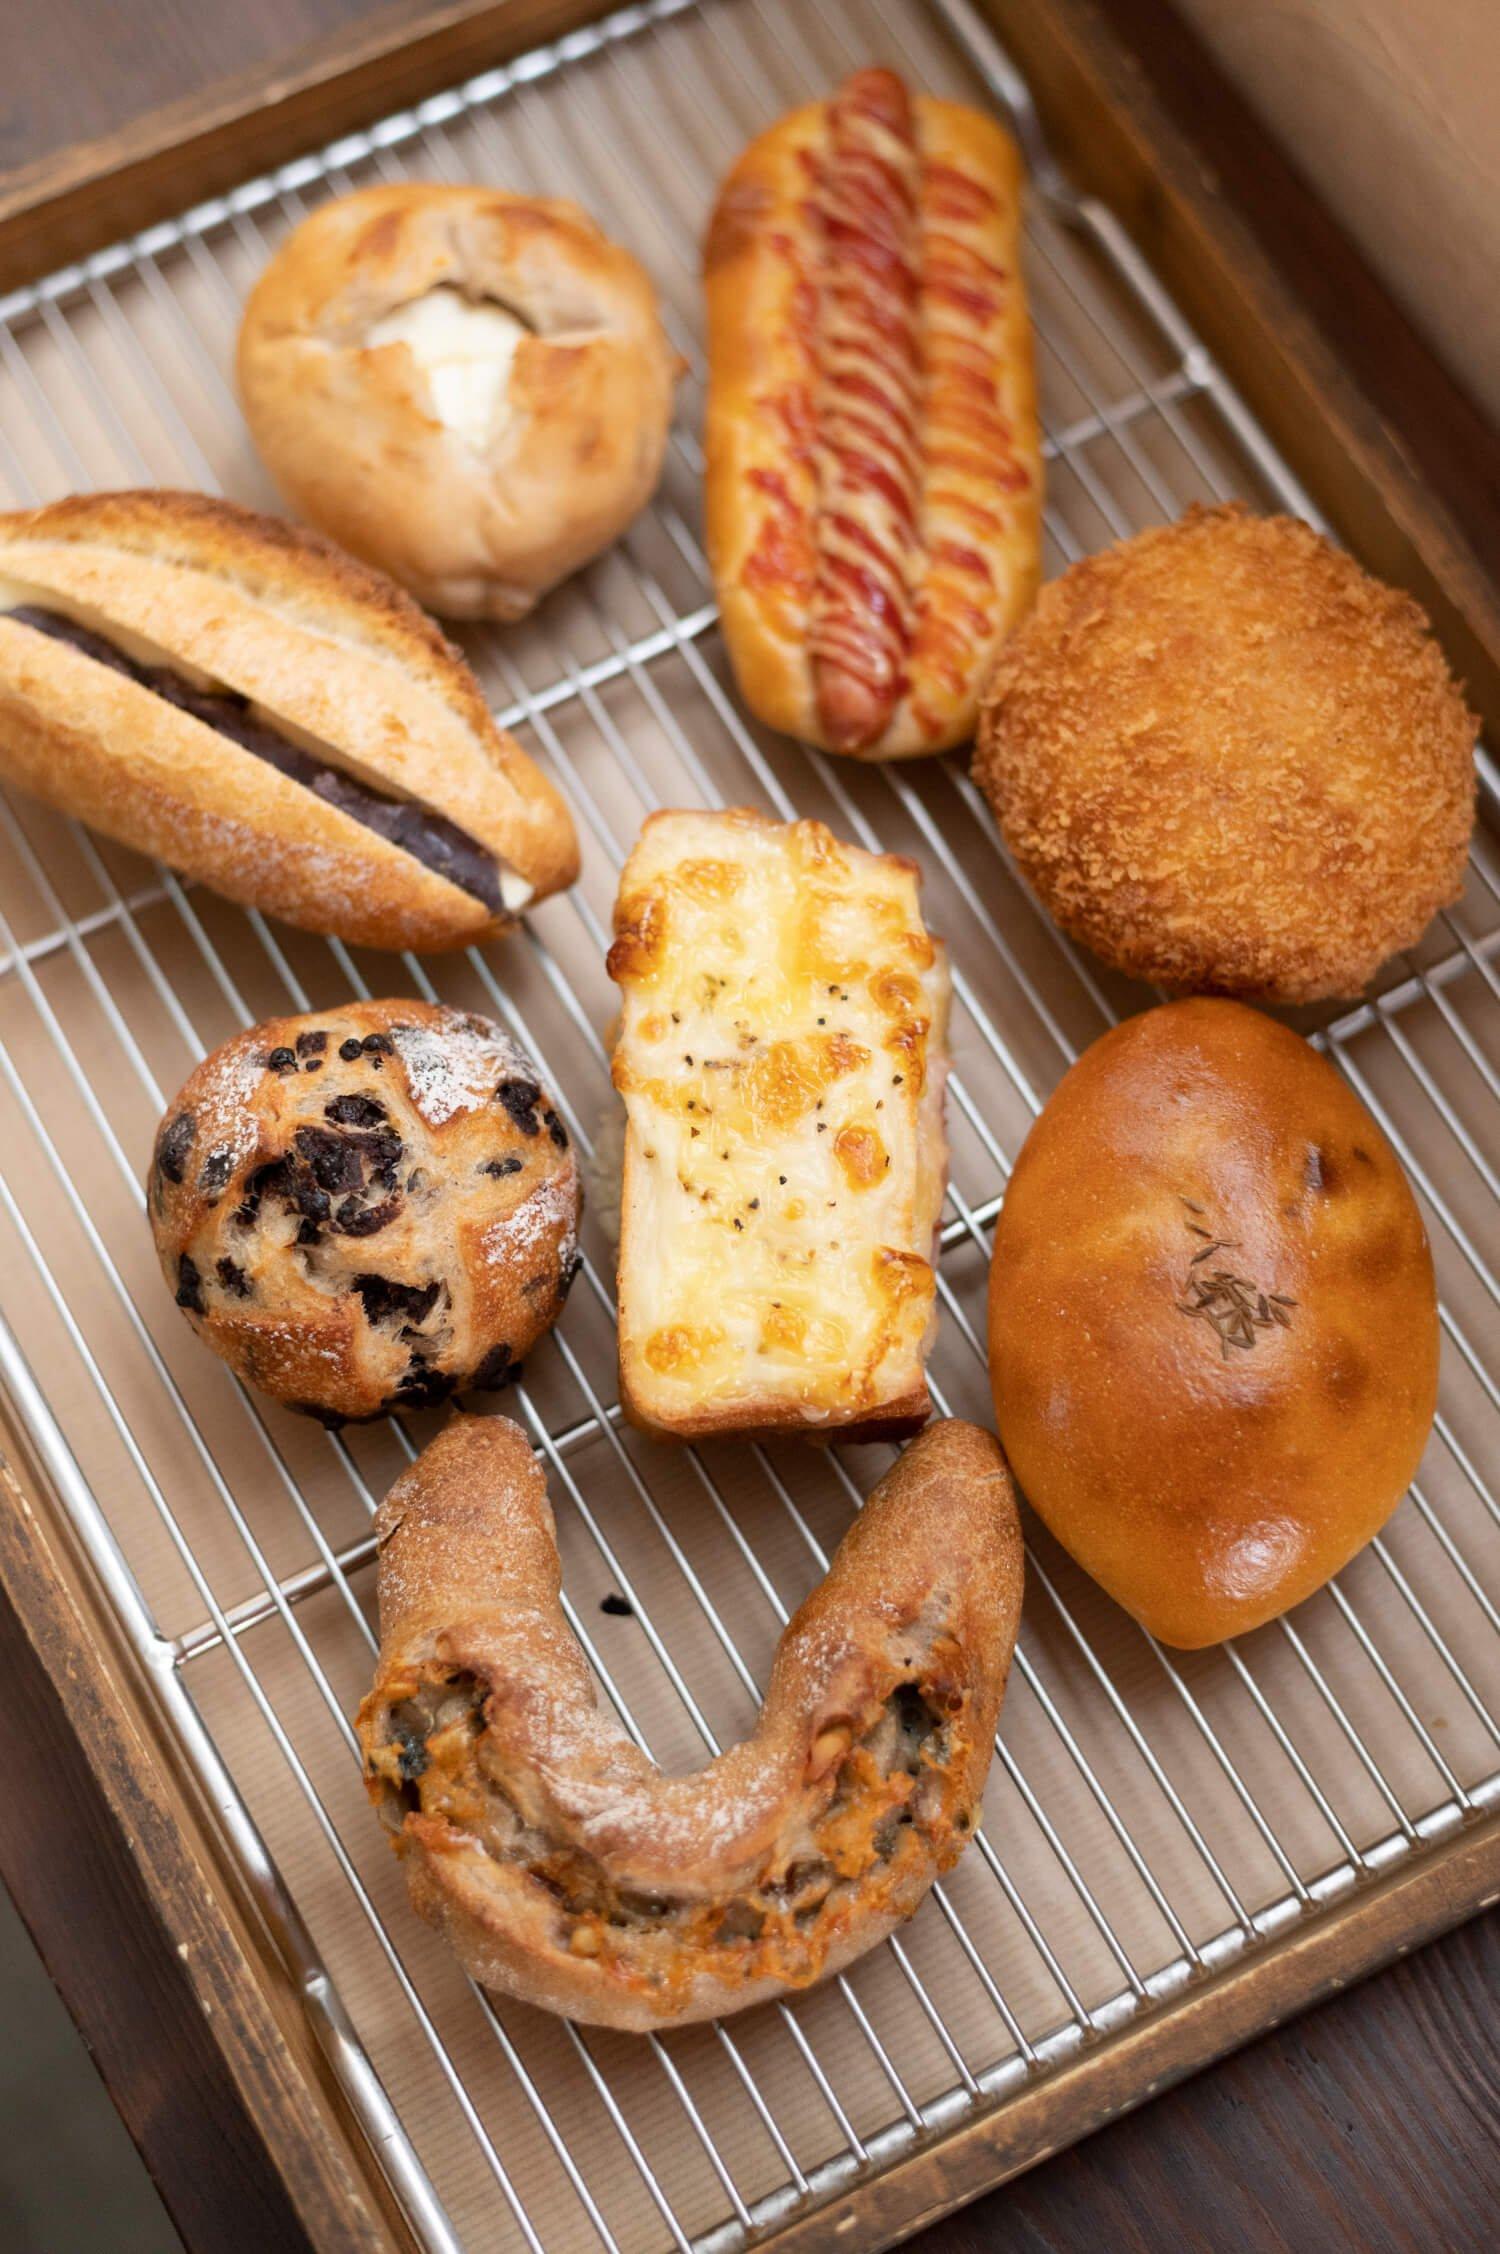 真ん中はMAGU食パンのクロックムッシュ226円。右上から時計回りに、ウインナーパン216円、カレーパン216円、チキンマサラの包み焼き216円、ゴルゴンゾーラハニー248円、チョコチップフランス194円、あんバター248円、クルミとクリームチーズ226円。 中央のクロックムッシュは、ゆめちからで作った食パンを使用。